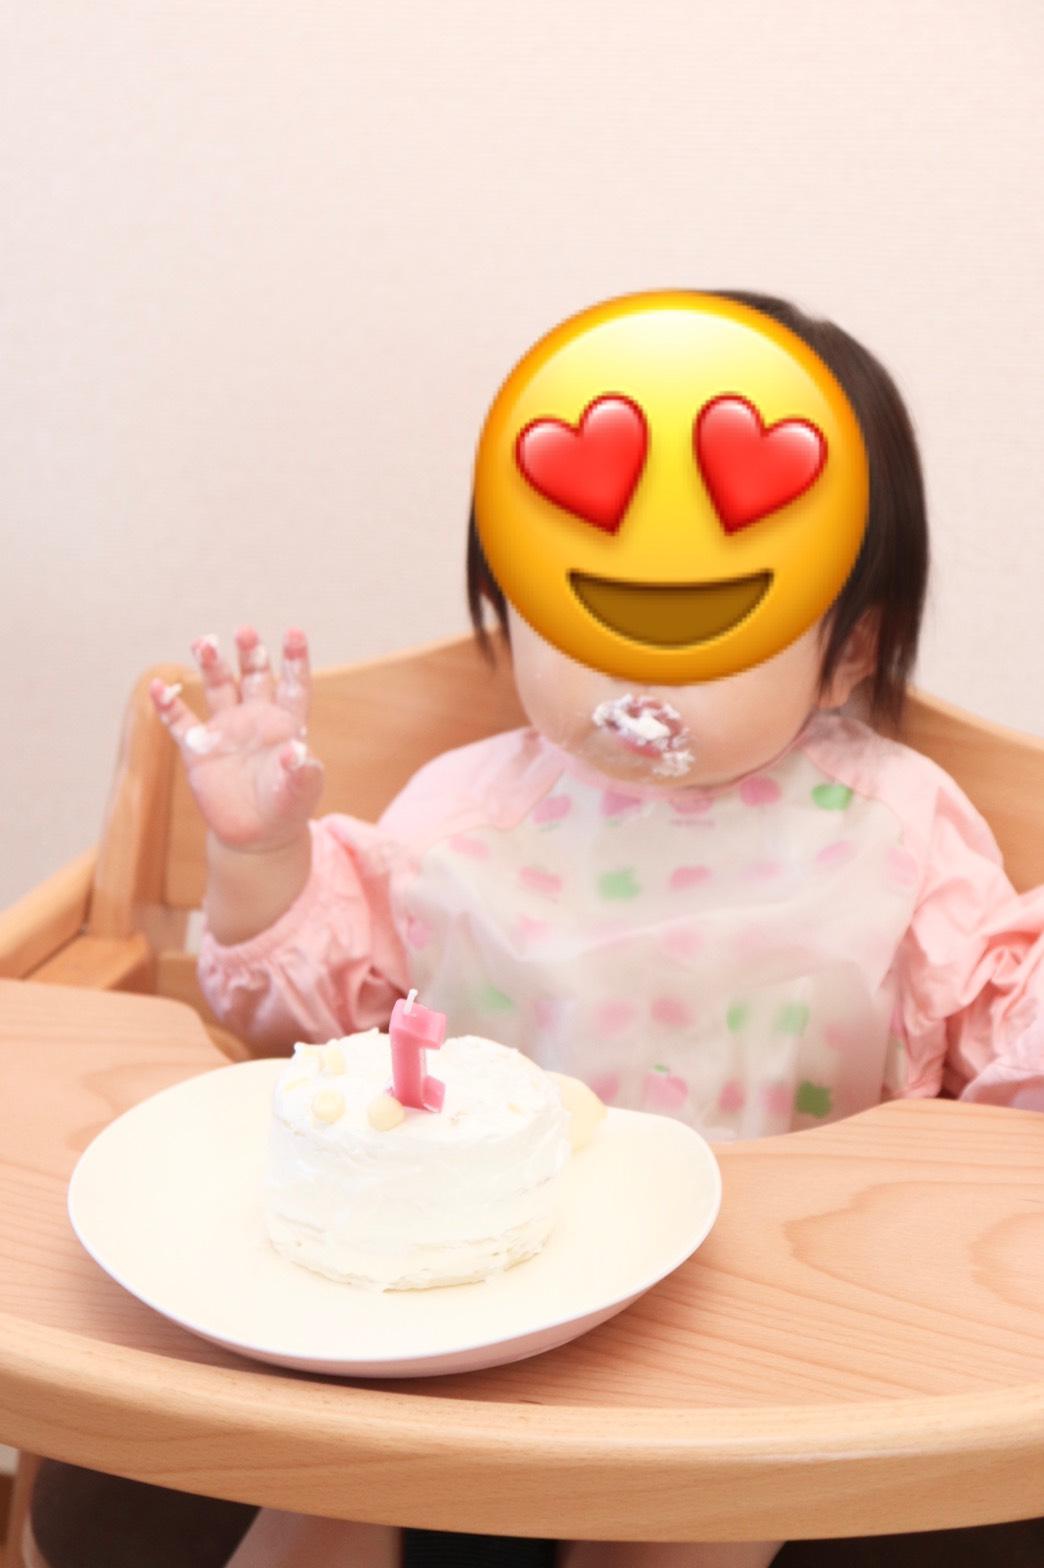 スマッシュケーキを食べる赤ちゃん